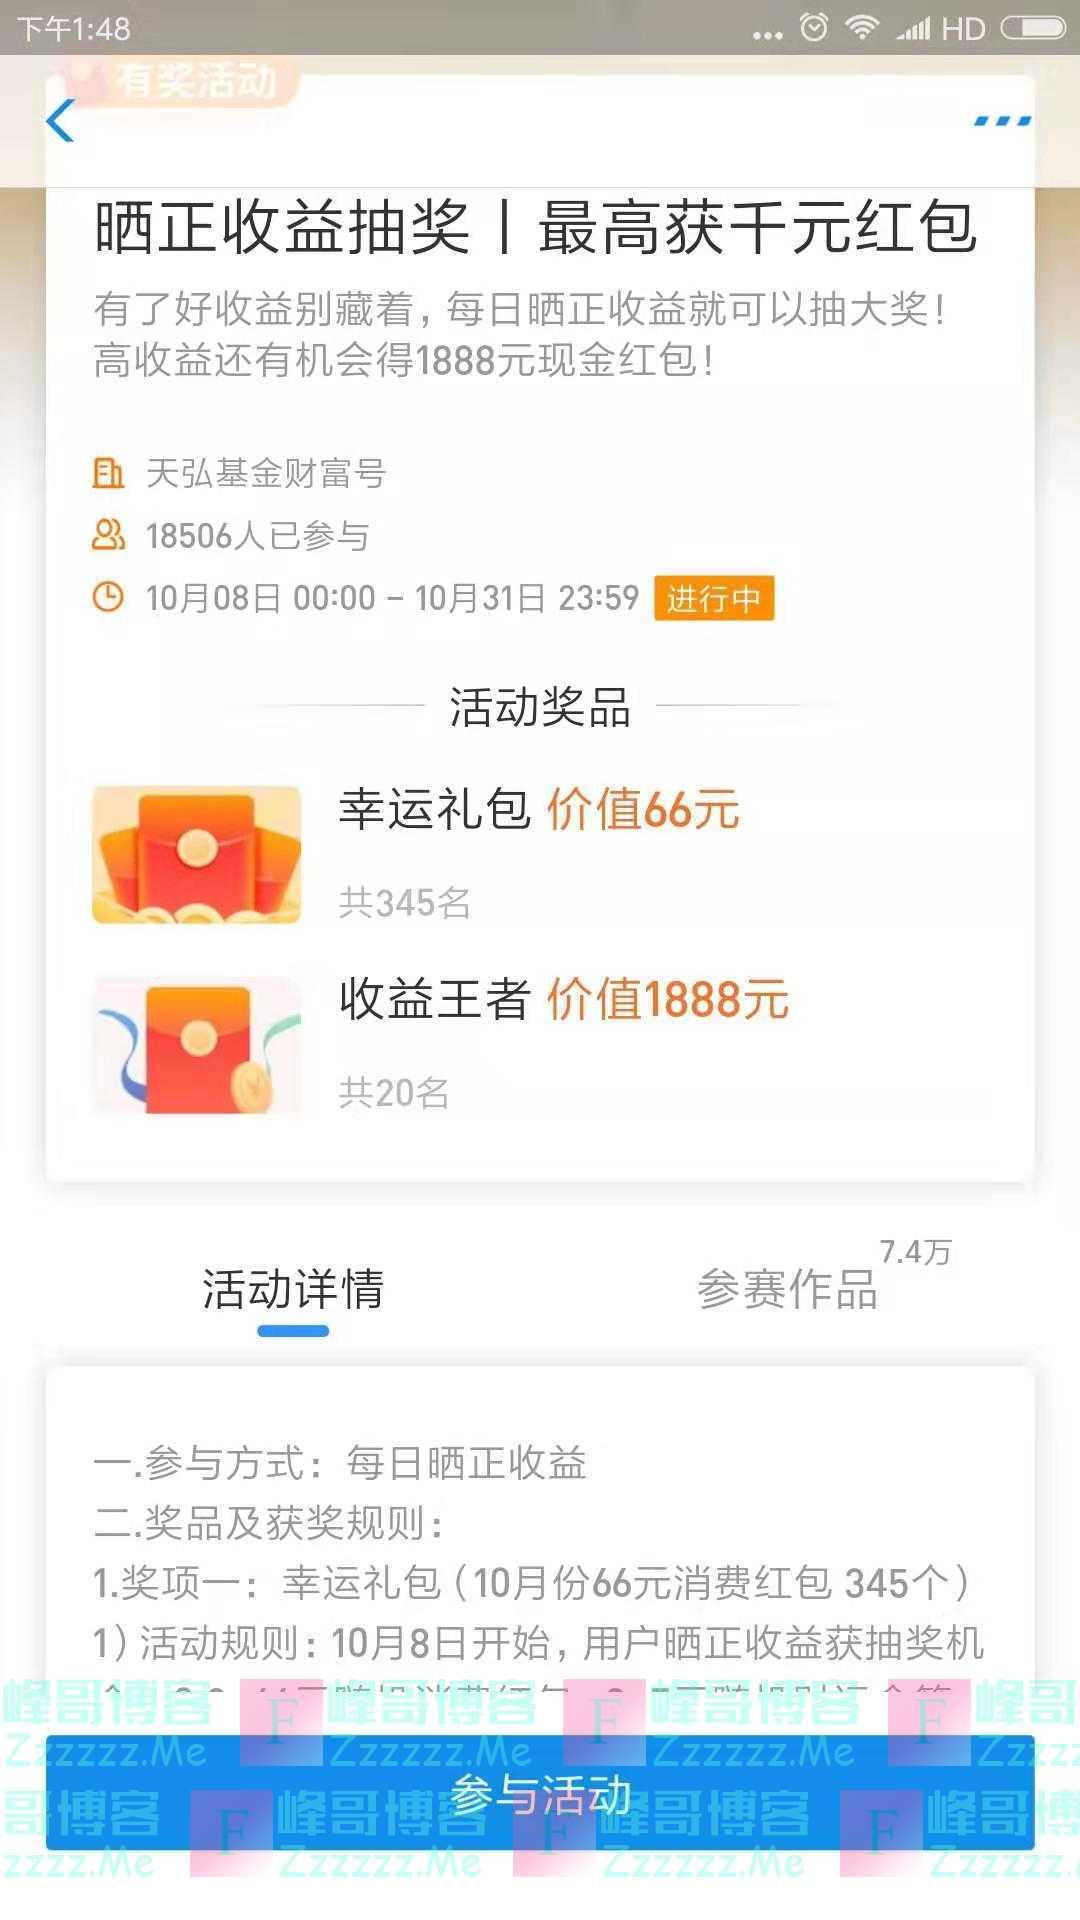 天弘基金晒正收益抽千元红包(截止10月31日)